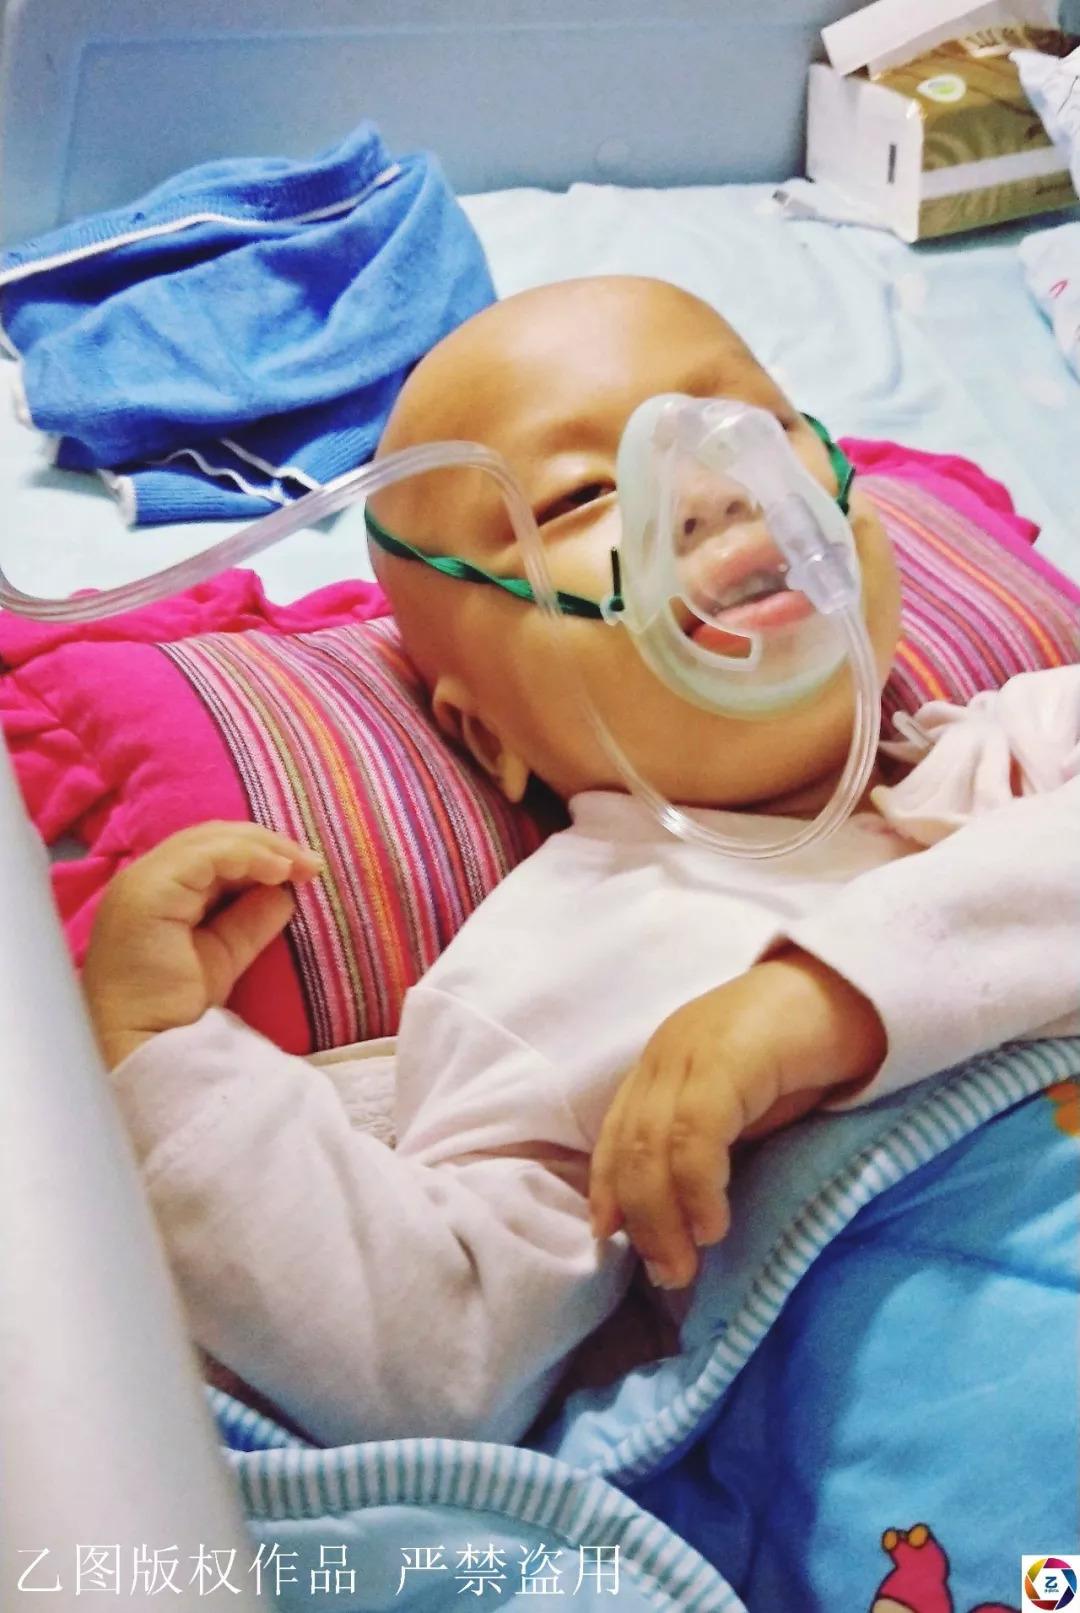 """男童身患两绝症,嘴巴溃烂40天不能吃,爸爸""""强行""""给其灌牛奶"""